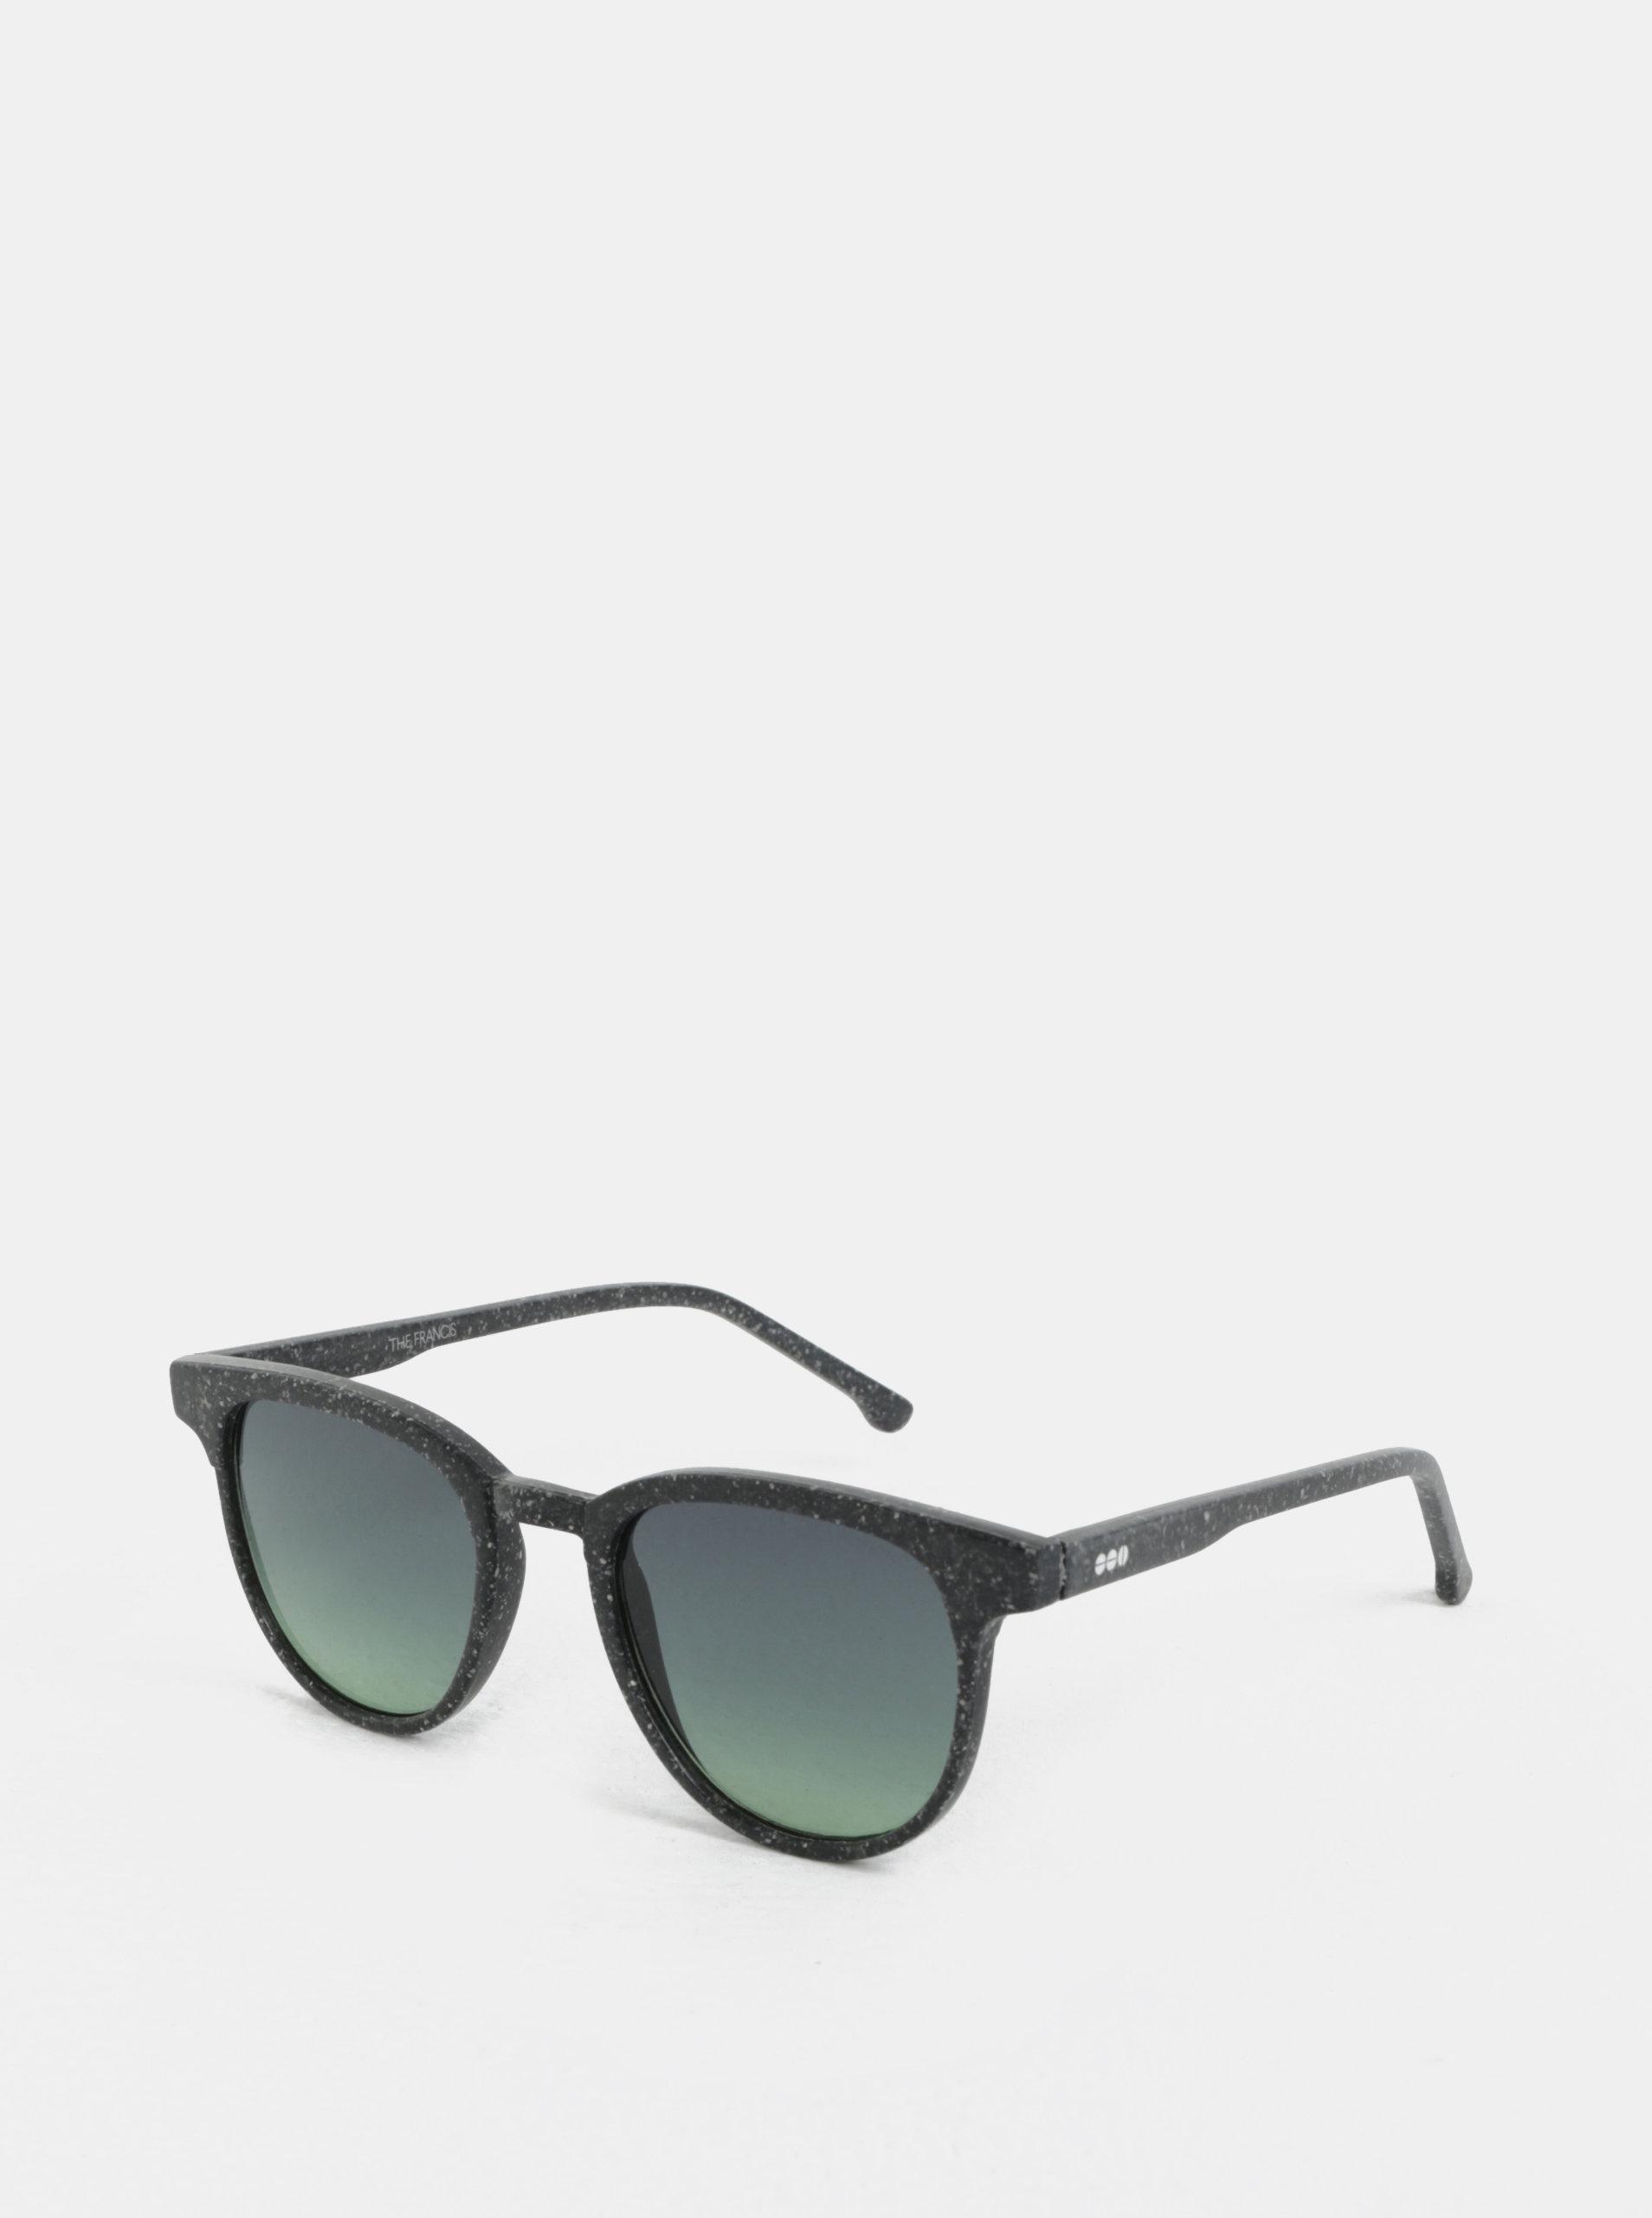 66c214272 Tmavosivé unisex slnečné okuliare Komono Winston | ZOOT.sk